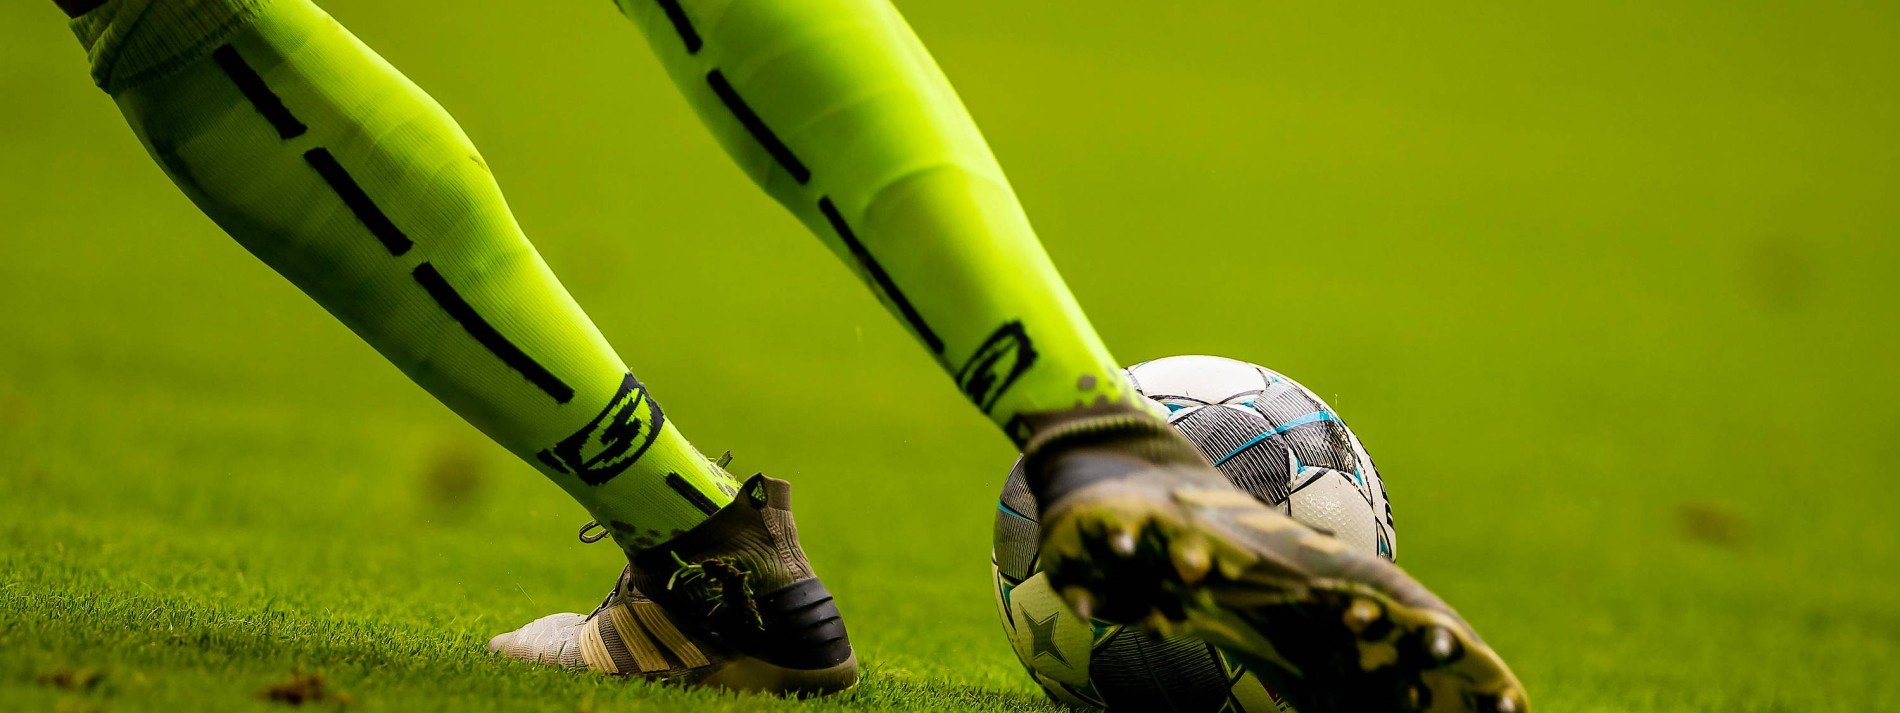 Klub verliert Halbfinale nach 23 falschen Corona-Tests